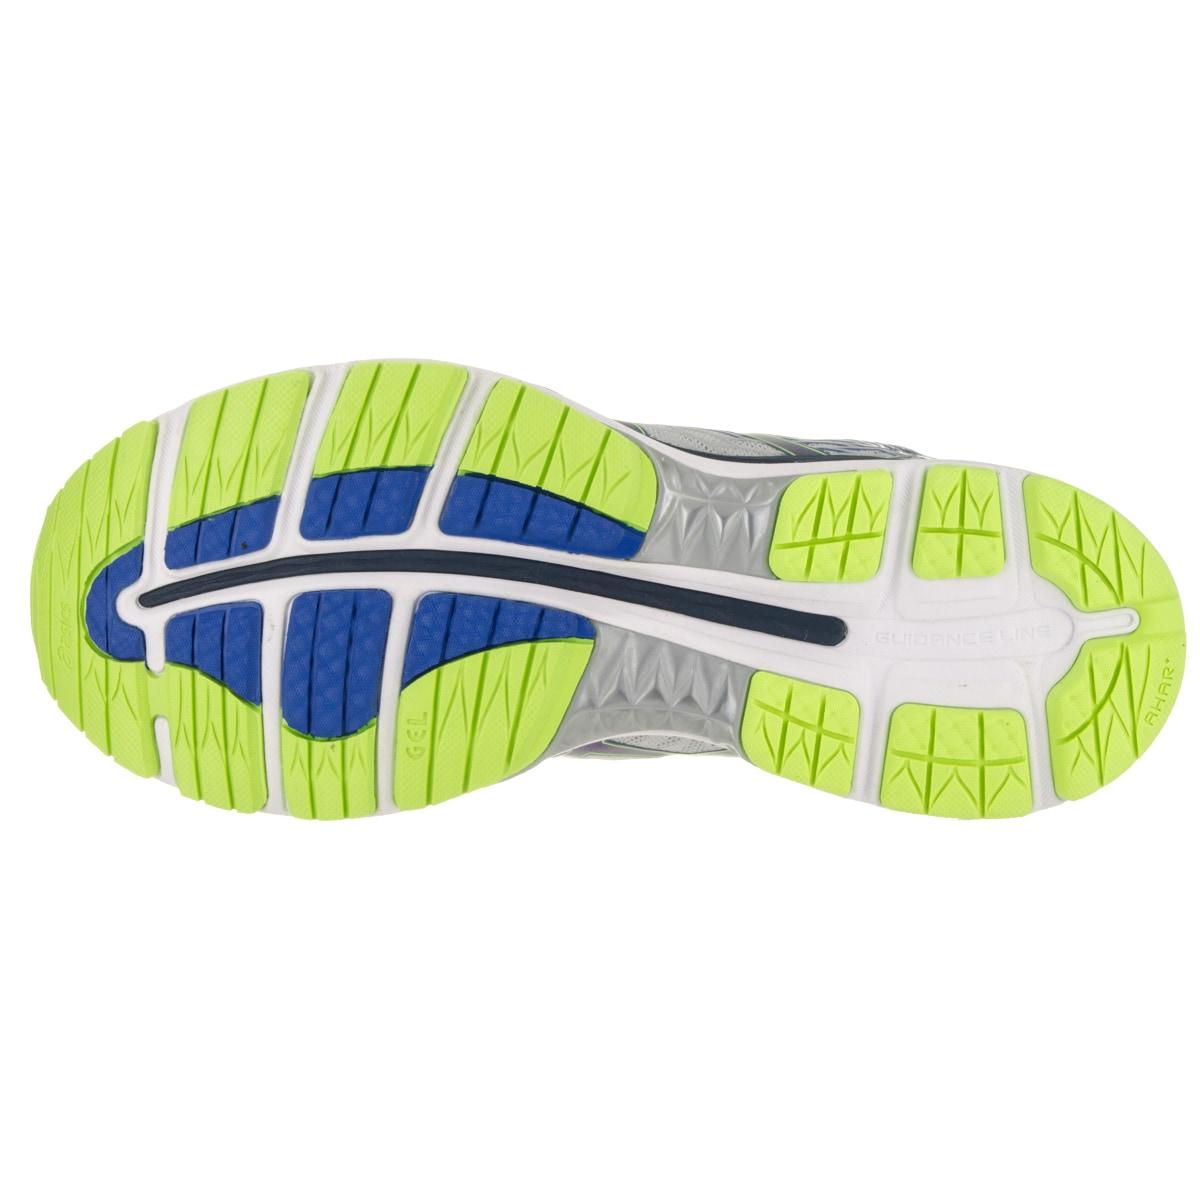 profundidad Supone Categoría  Asics Men's Gel-Nimbus 18 (4E) Running Shoe - Overstock - 14083979